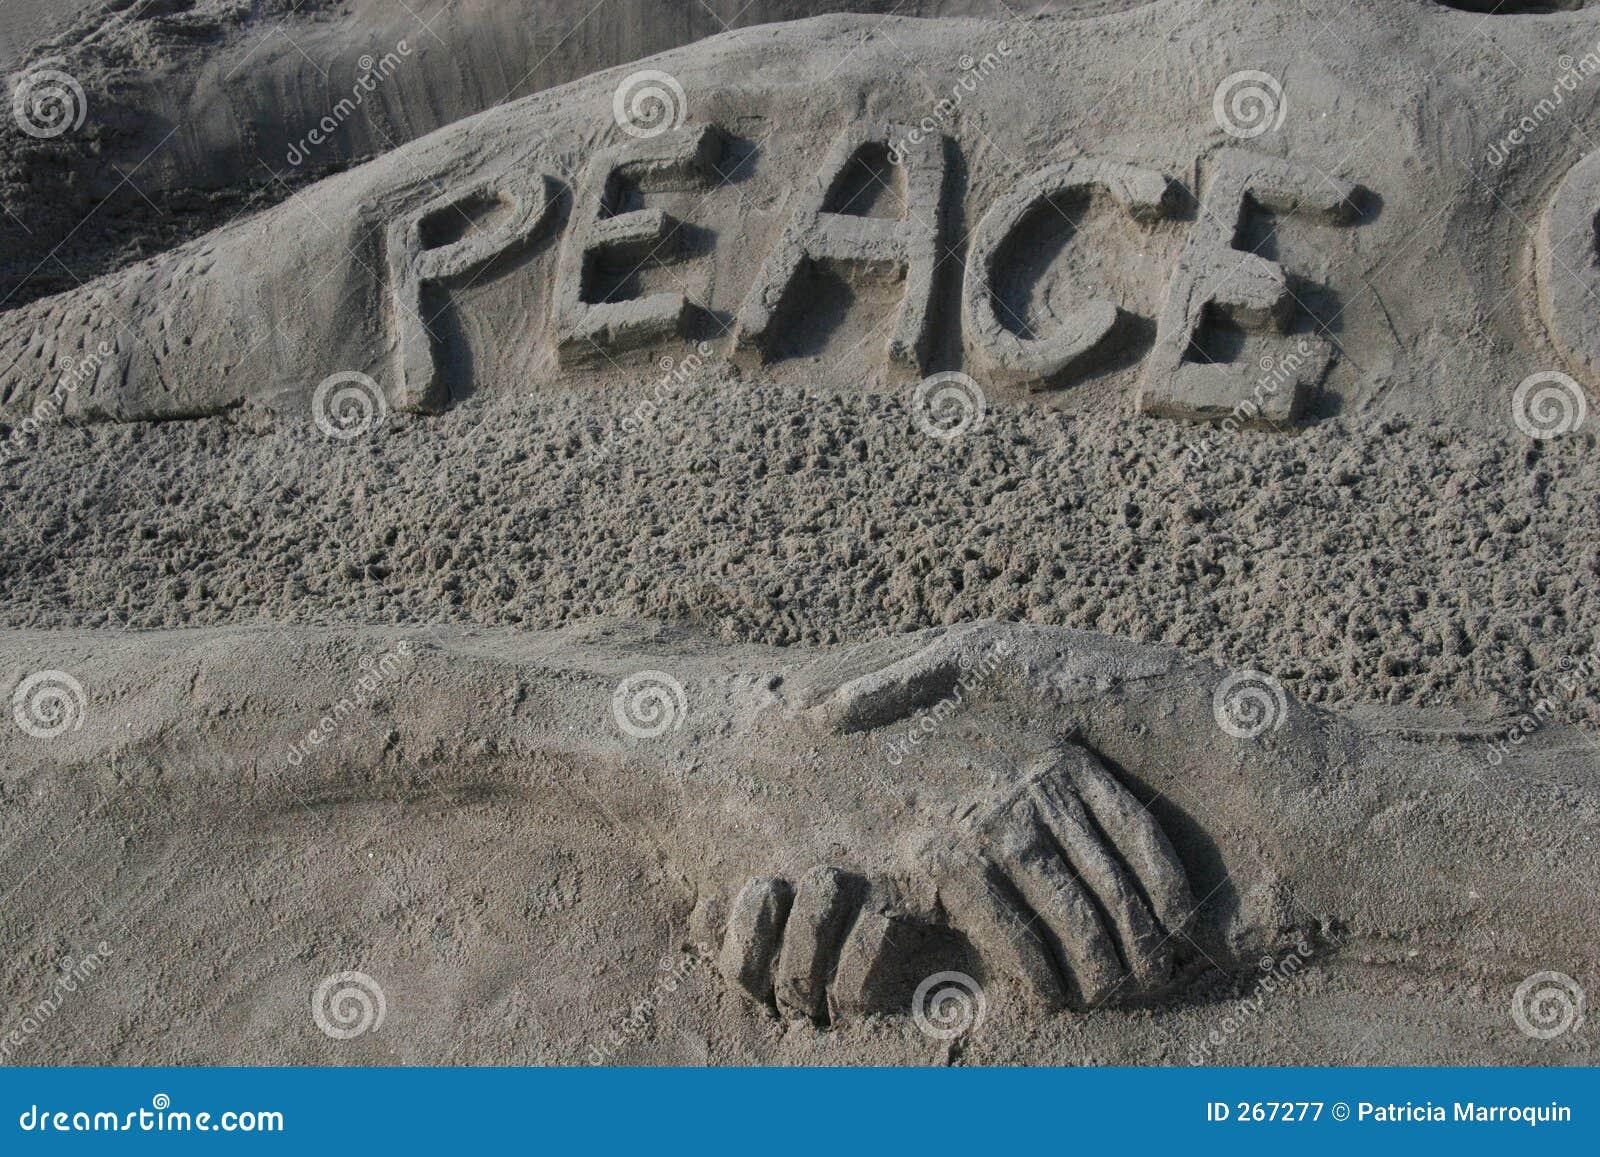 мир к миру